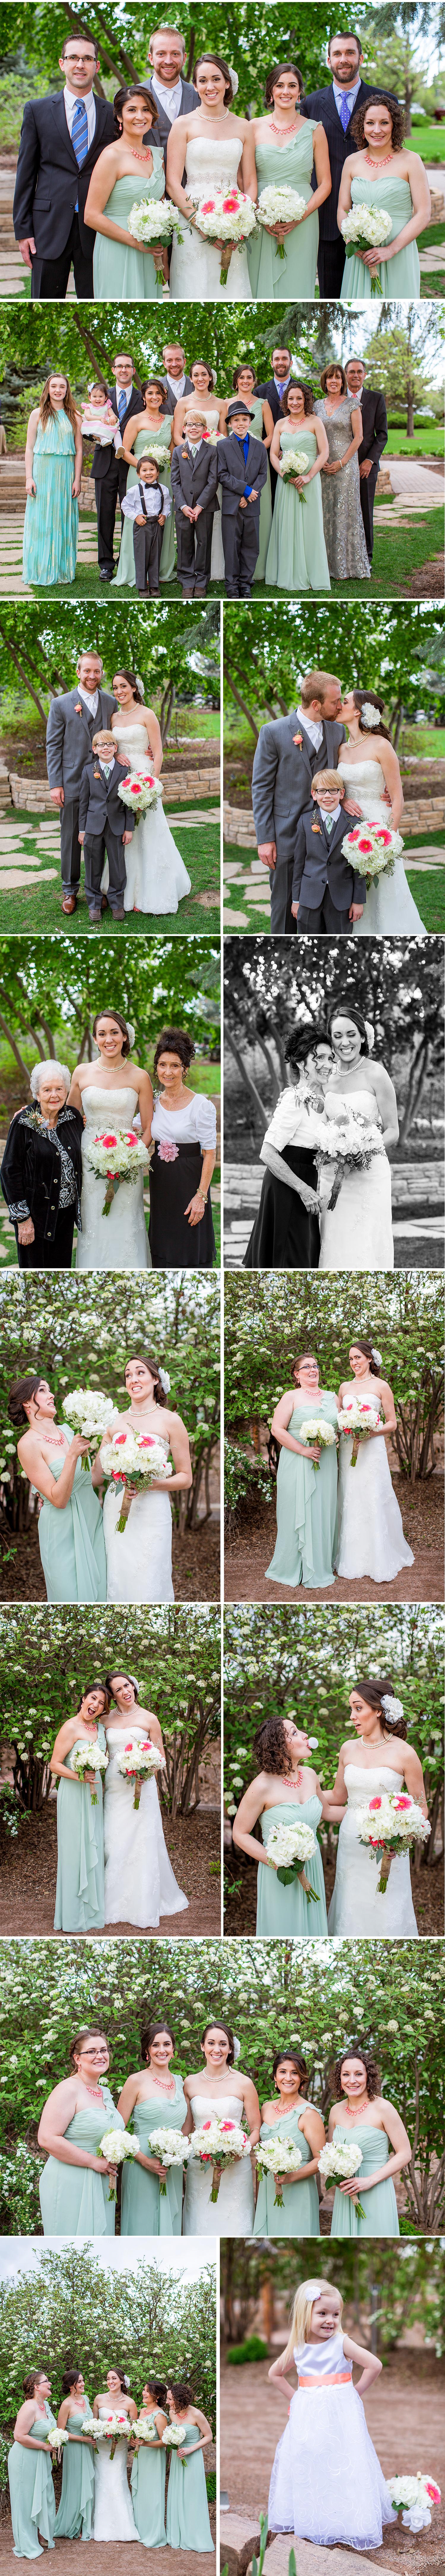 6_Beautiful Spring Wedding in Denver.jpg